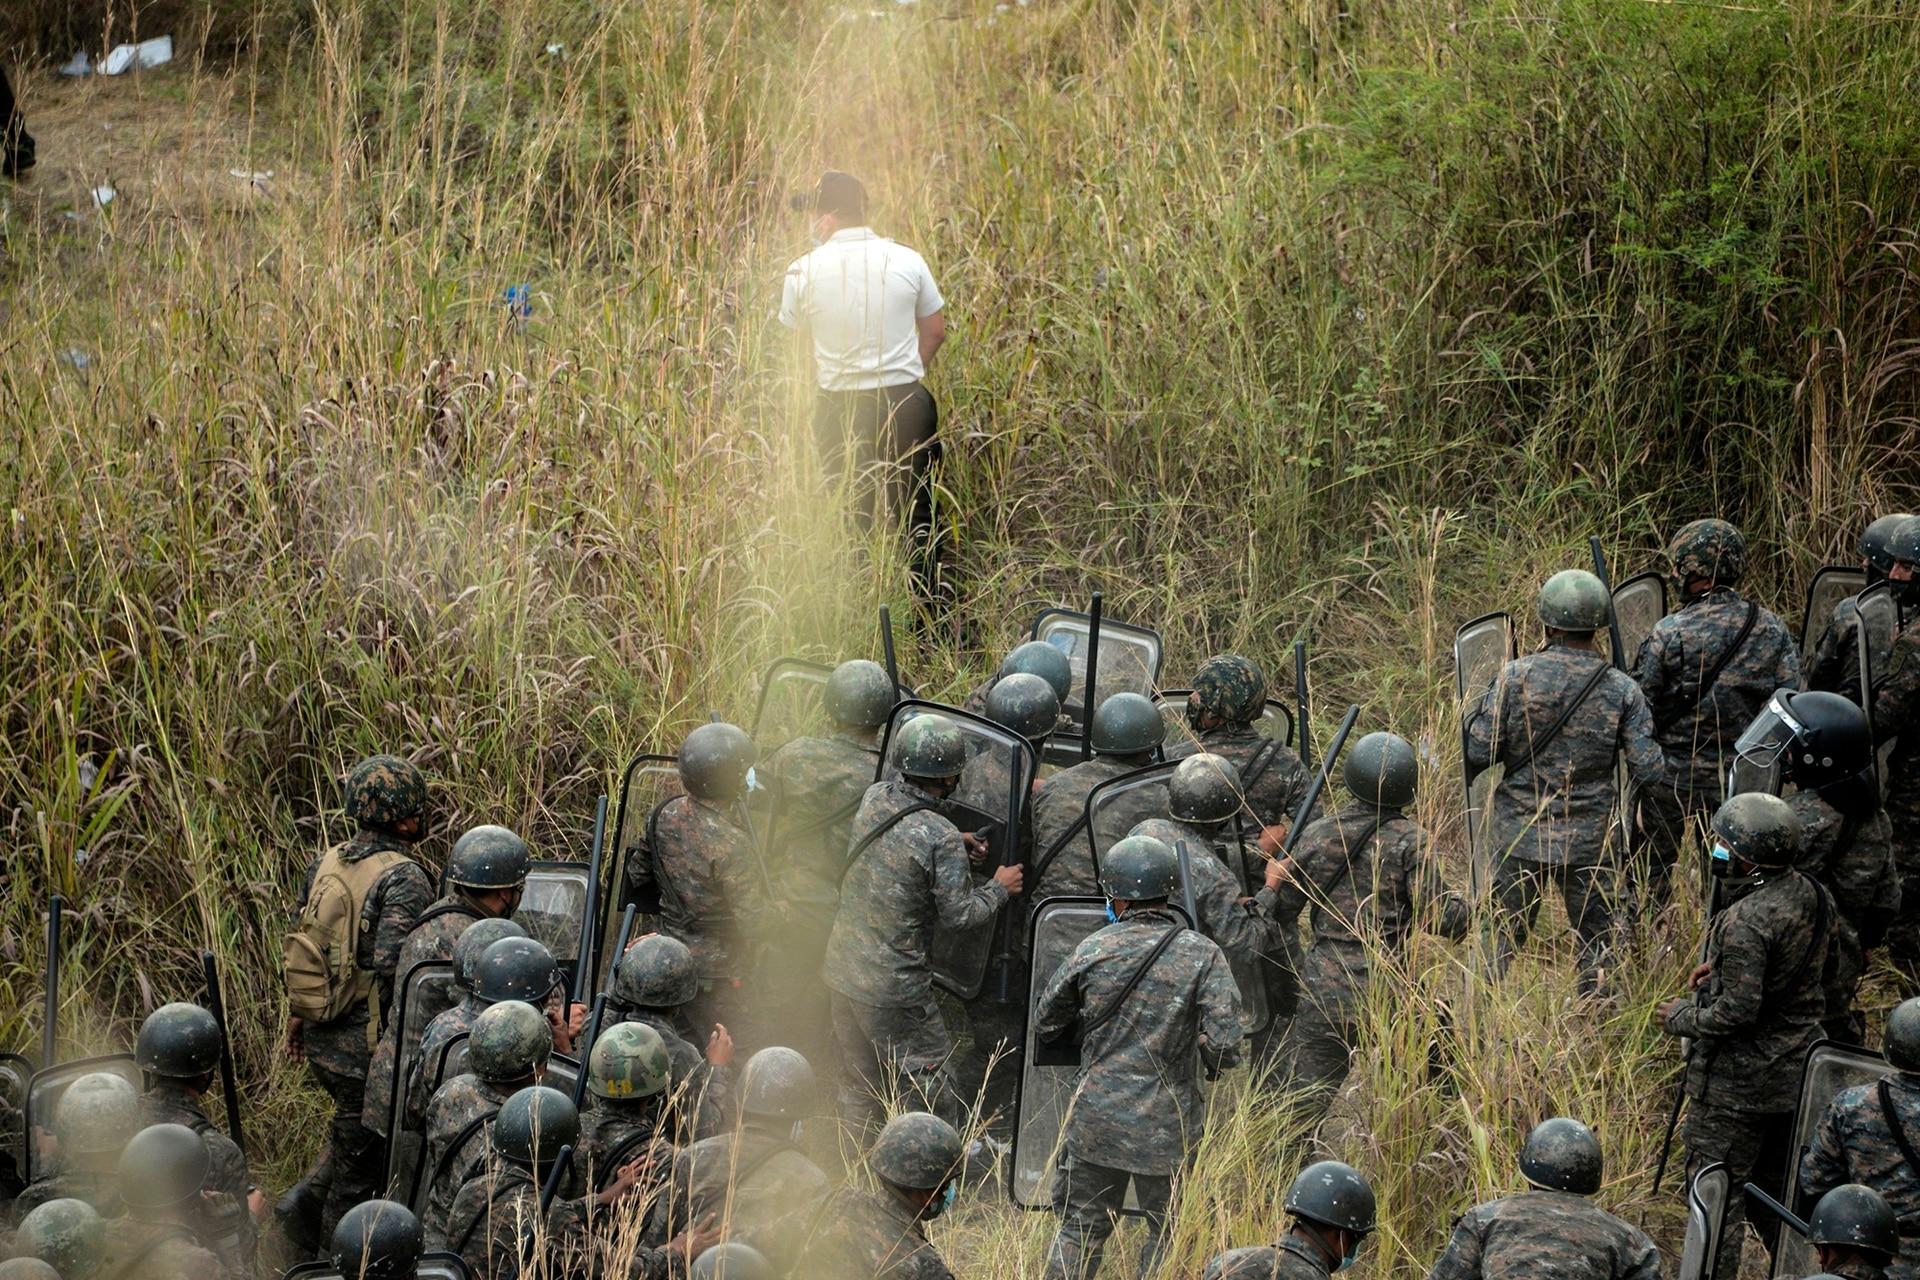 Fuerzas de seguridad bloquean a migrantes que llegaron en caravana desde Honduras en su camino a Estados Unidos, en Vado Hondo, Guatemala